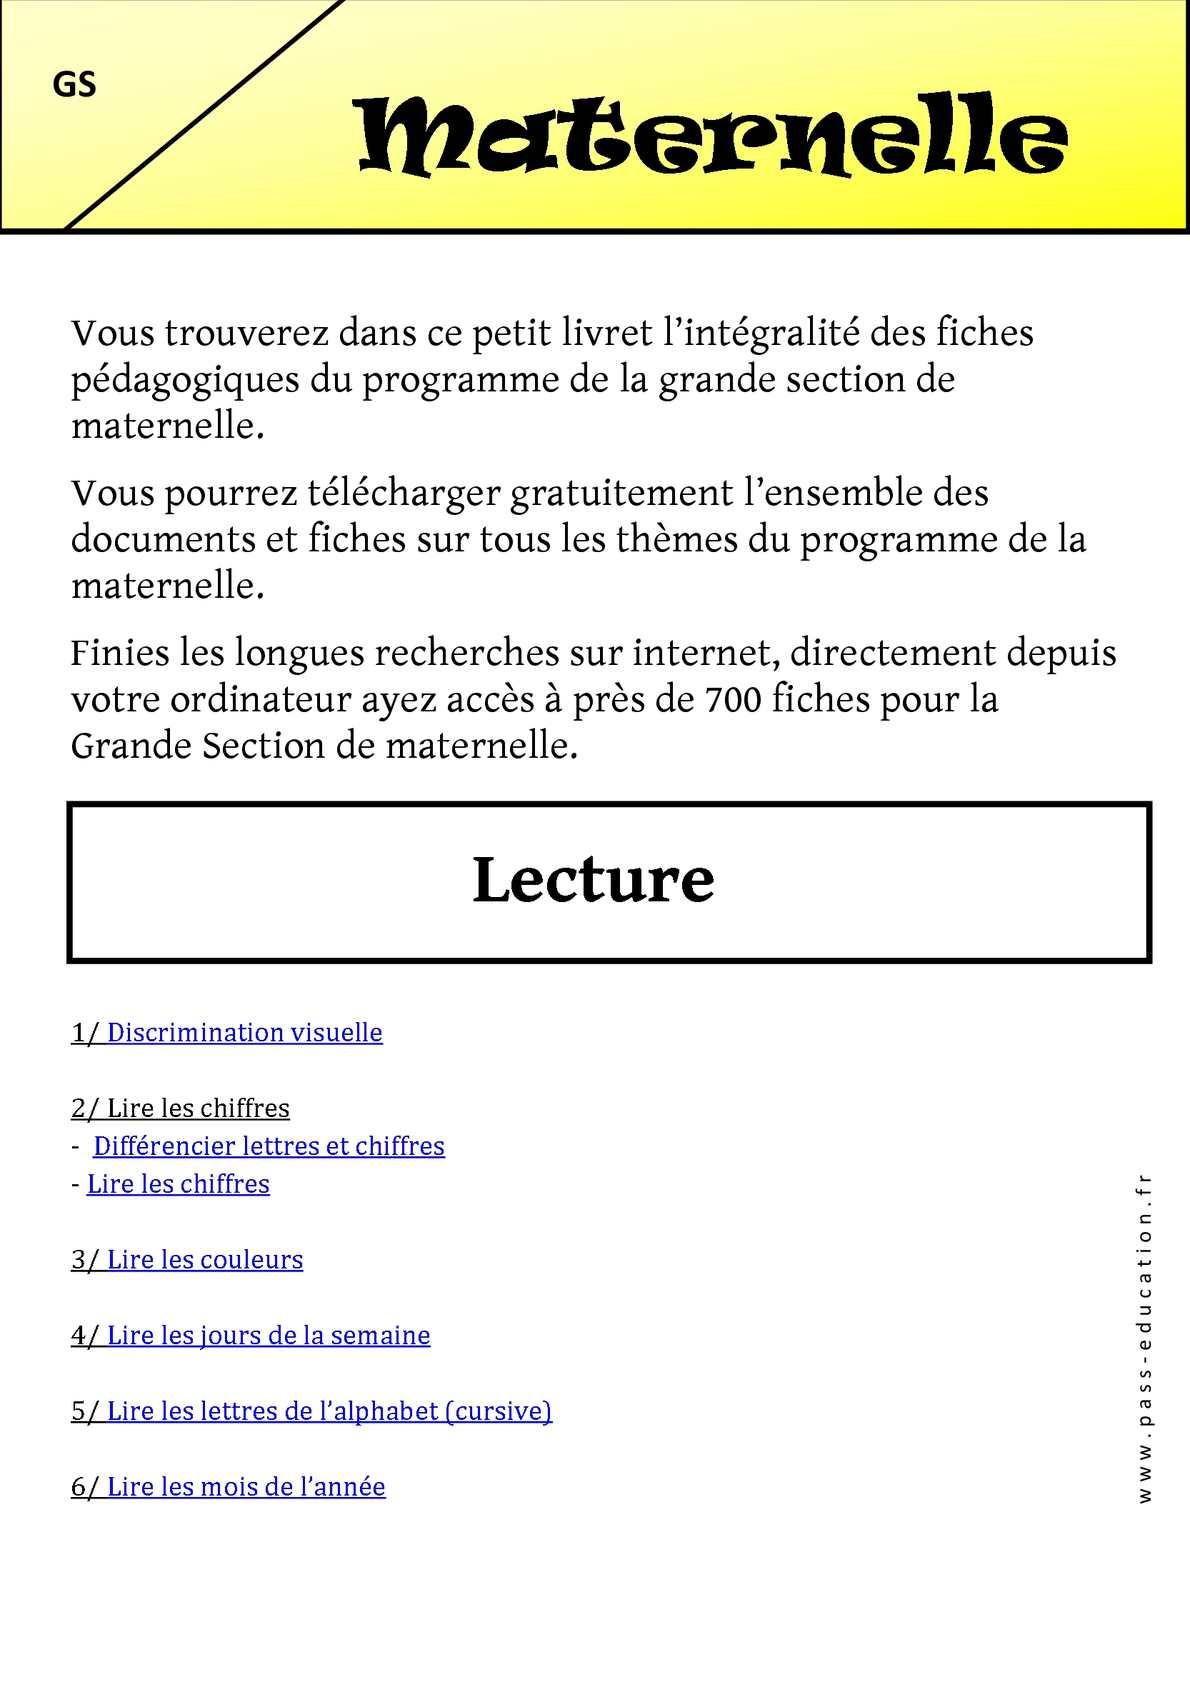 Calaméo - Maternelle – Cycle 1 - Livrets Pédagogiques intérieur Programme Grande Section Maternelle Gratuit